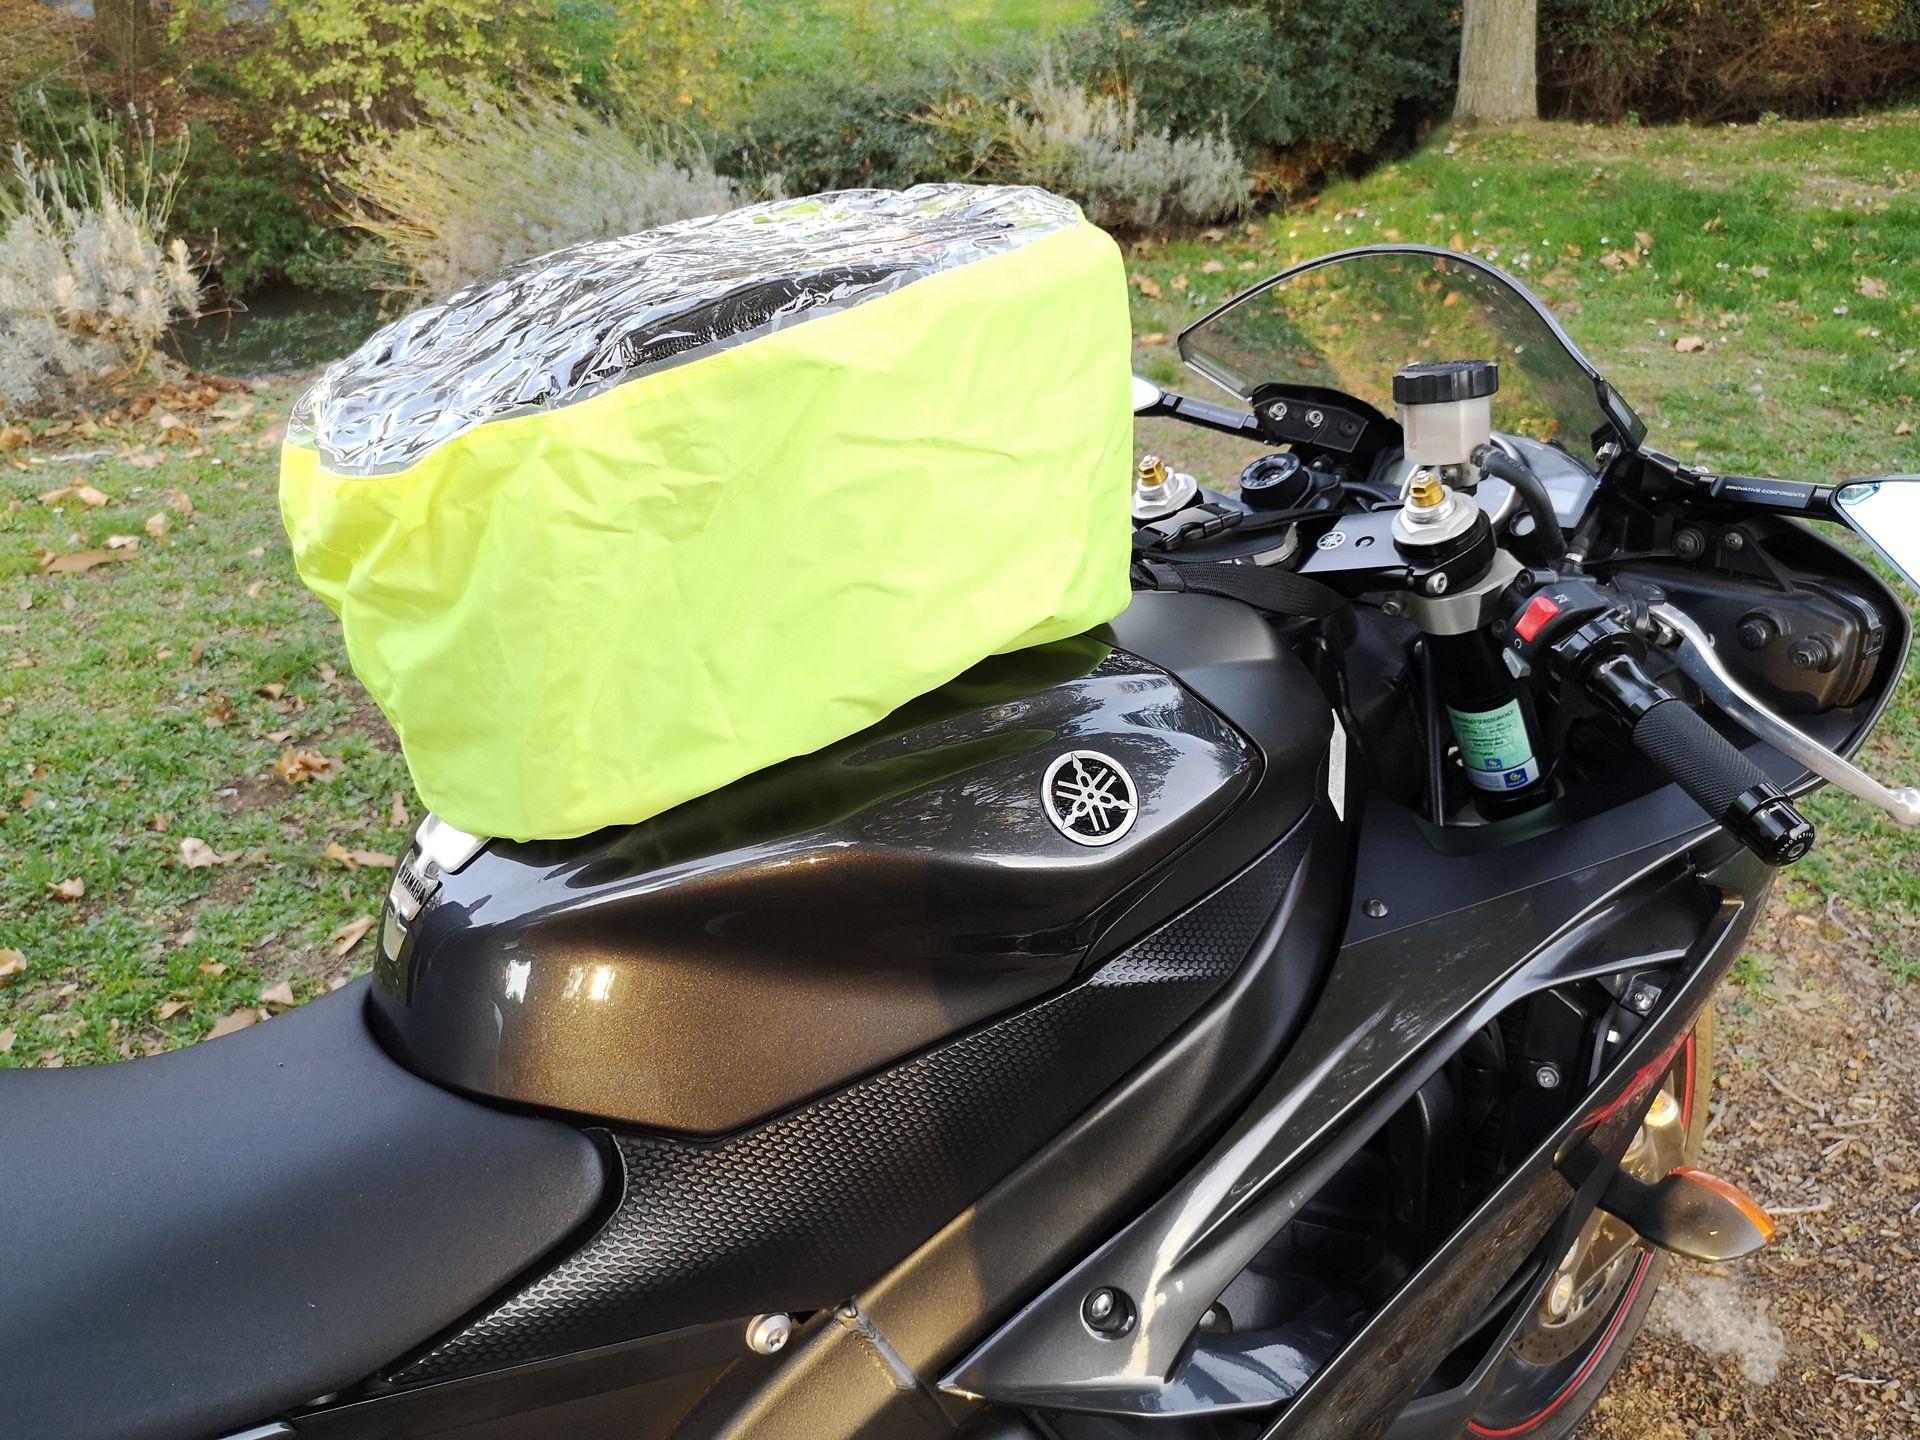 Housse de pluie haute visibilité pour la sacoche de réservoir Kappa RA311R